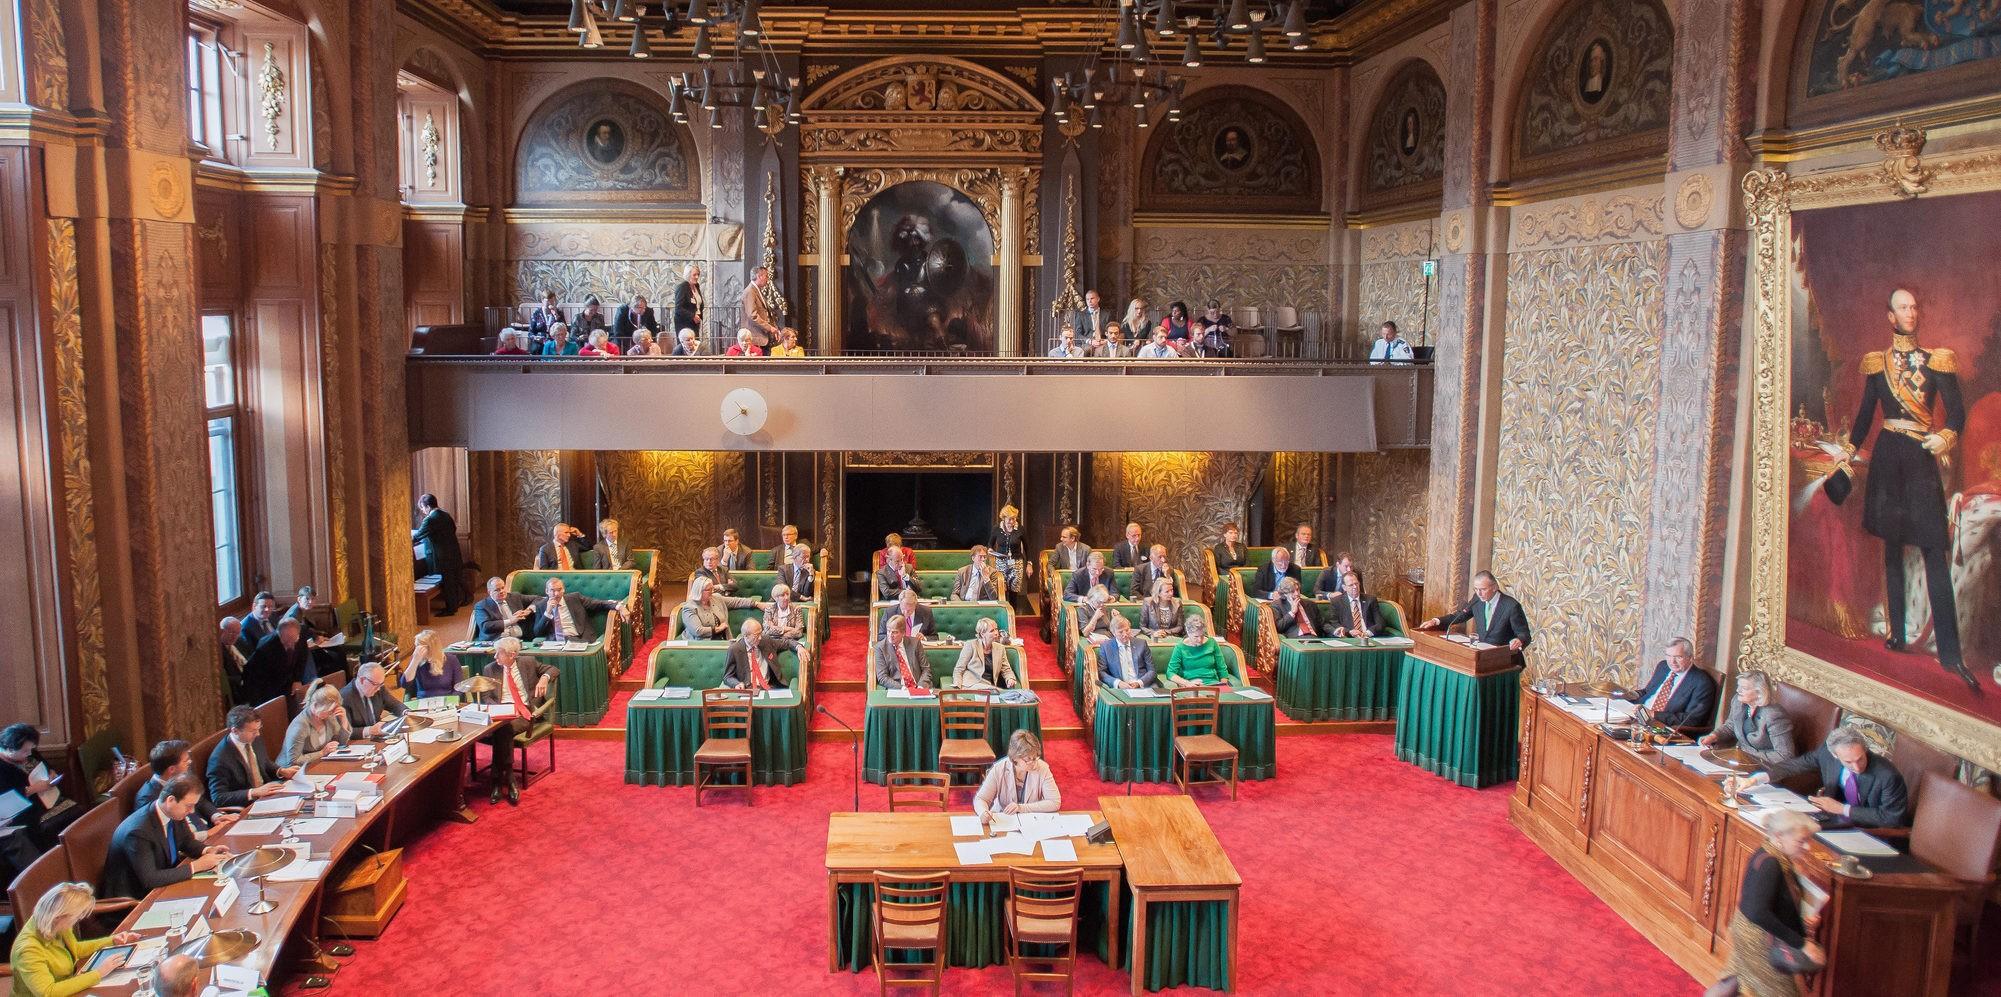 eerste kamer voorzitter - De Verkiezingswijzer - Onafhankelijke informatie over de Tweedekamer Verkiezingen op 17 maart 2021